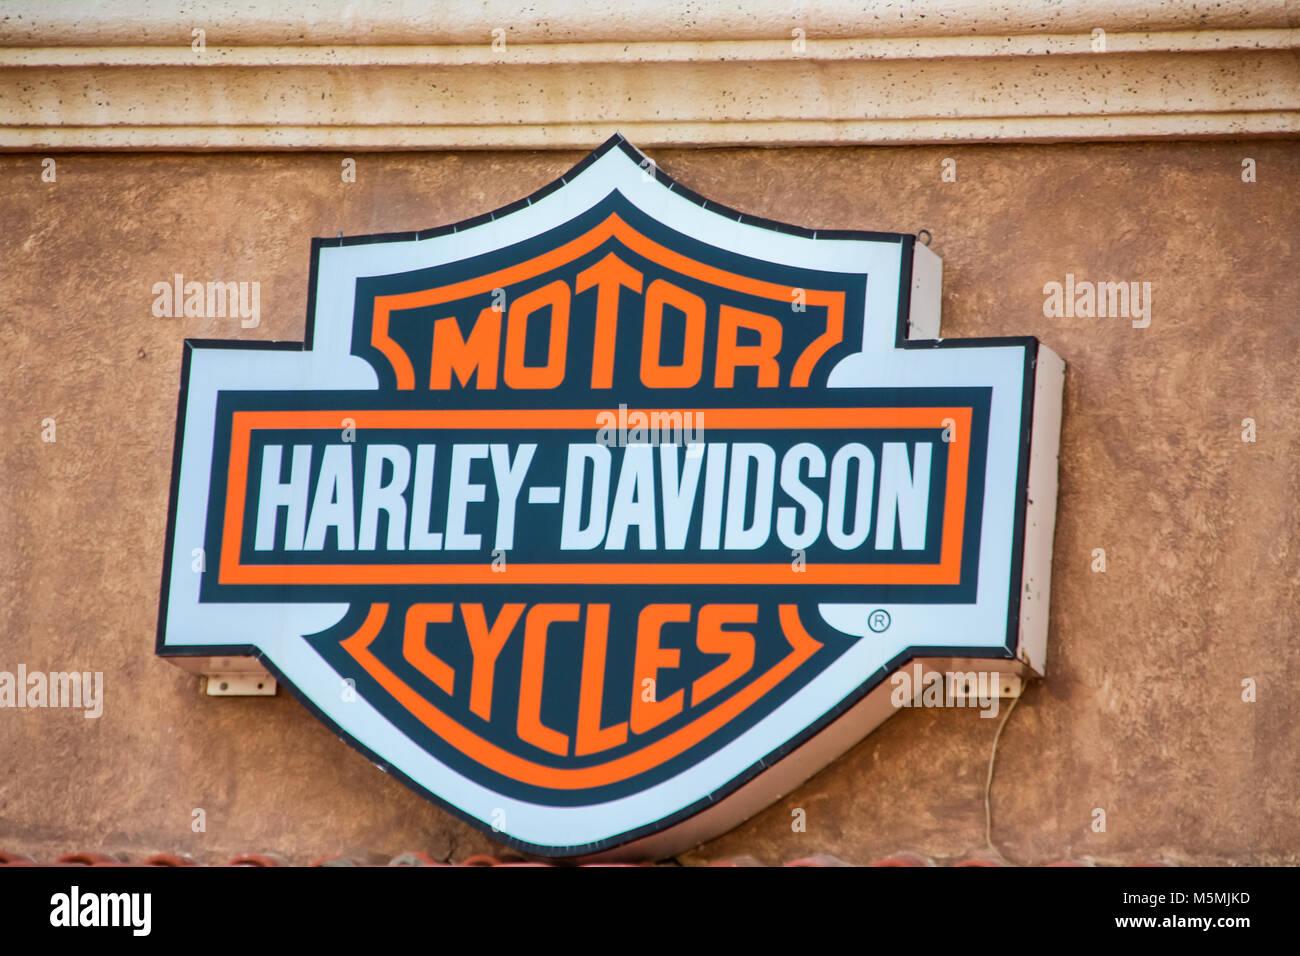 harley davidson store stock photos harley davidson store. Black Bedroom Furniture Sets. Home Design Ideas